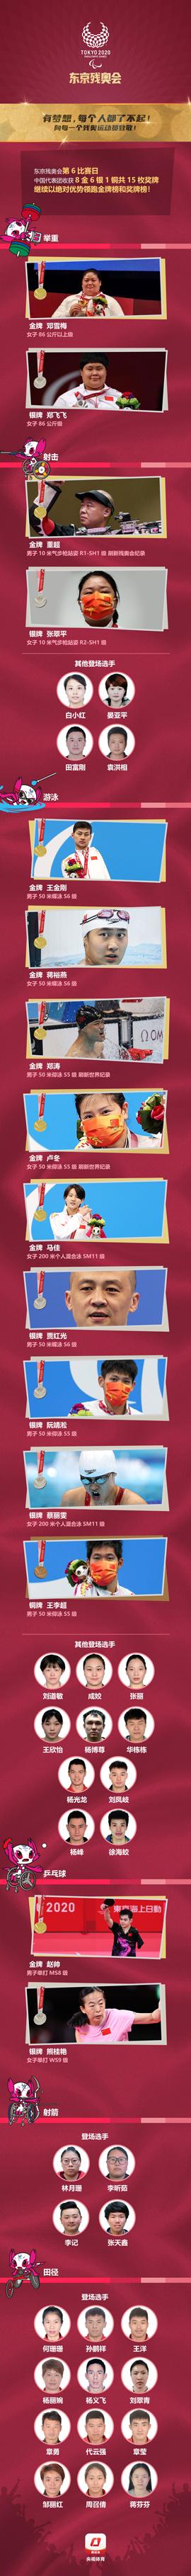 每个人都了不起!东京残奥会第六比赛日中国队斩获8金6银1铜